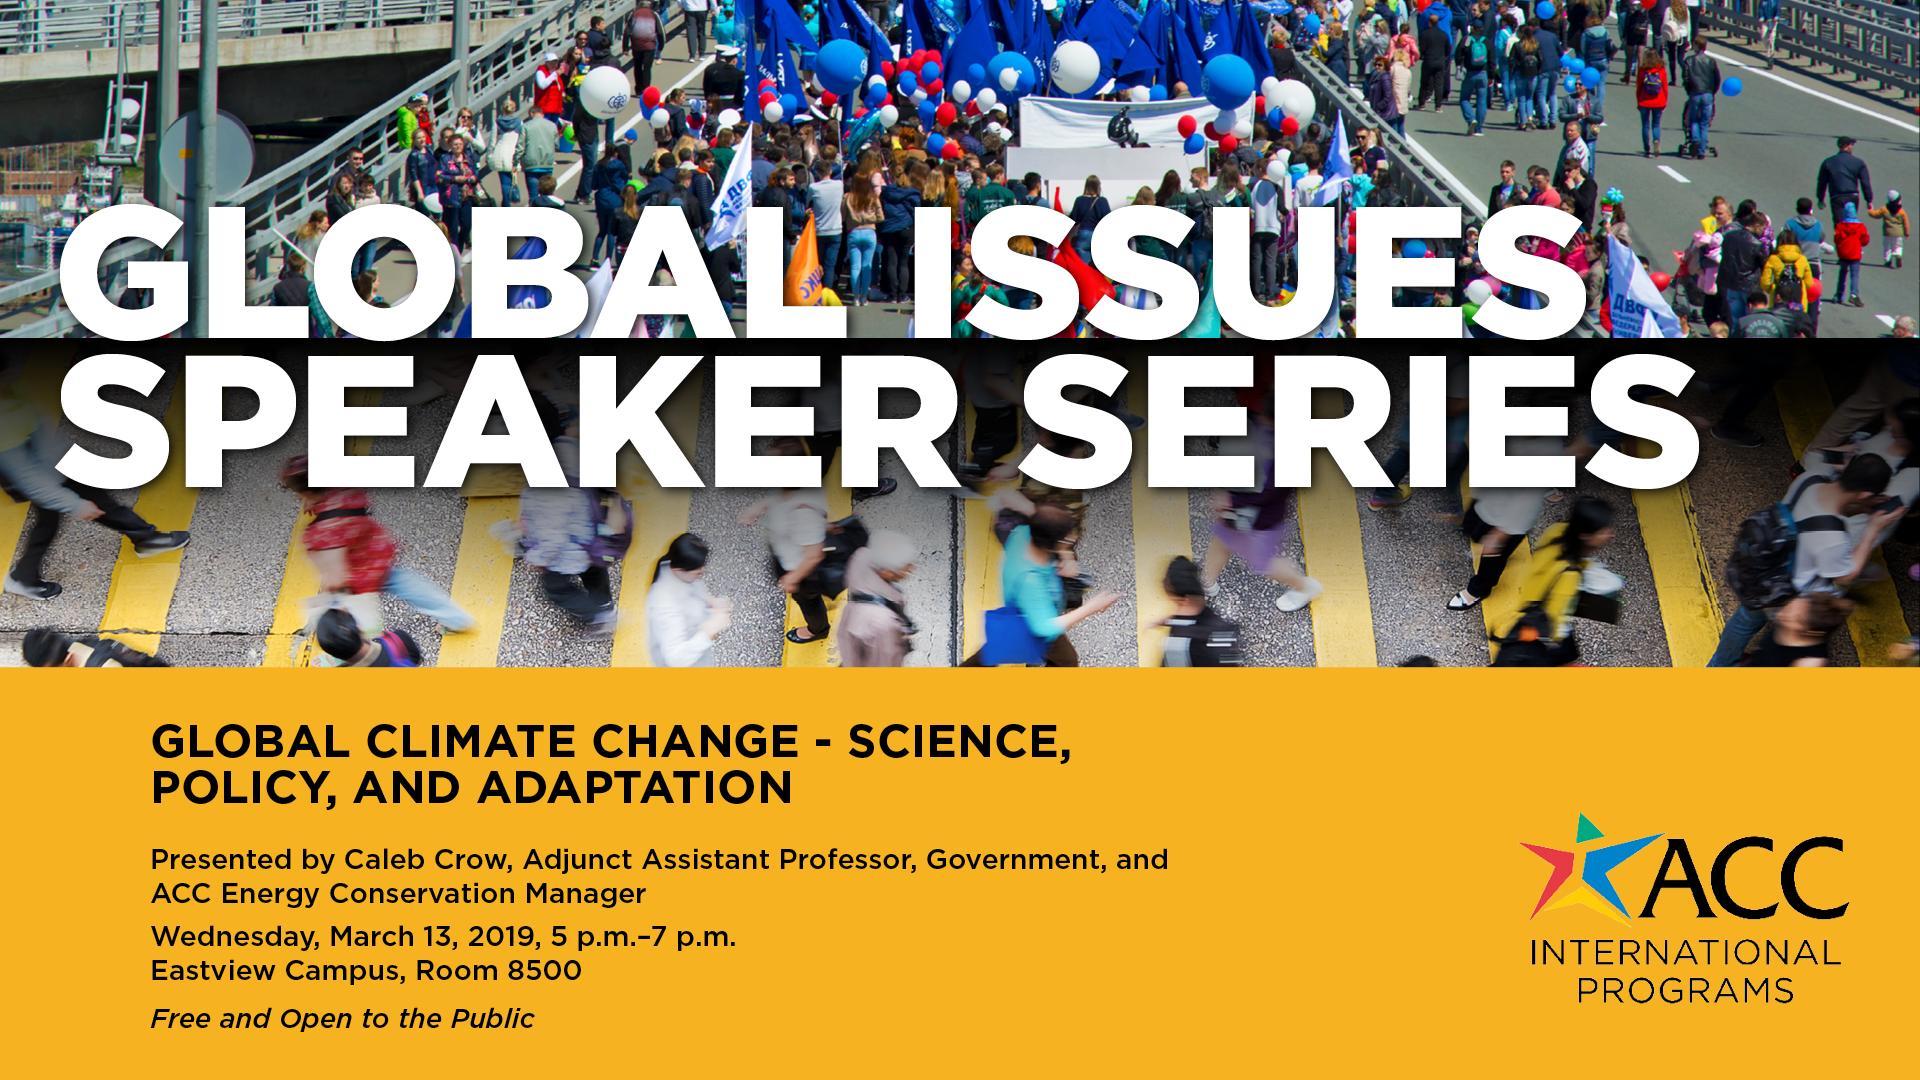 FY19 Global Issues Speaker Series info